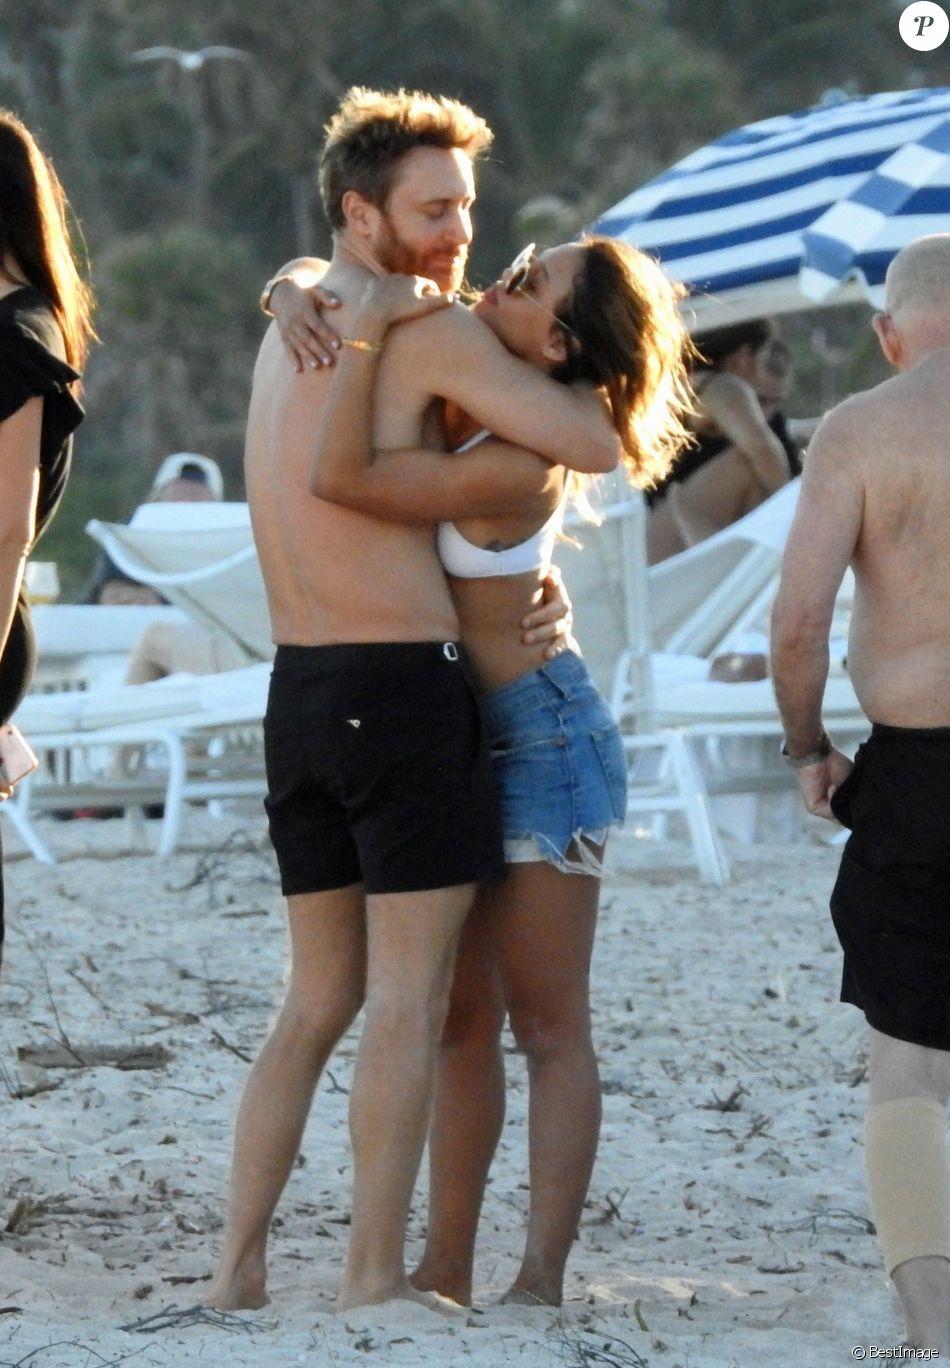 Exclusif -  David Guetta et sa compagne Jessica Ledon profitent de la plage avec leurs amis lors de leurs vacances de Noël à Miami. Le 27 décembre 2017